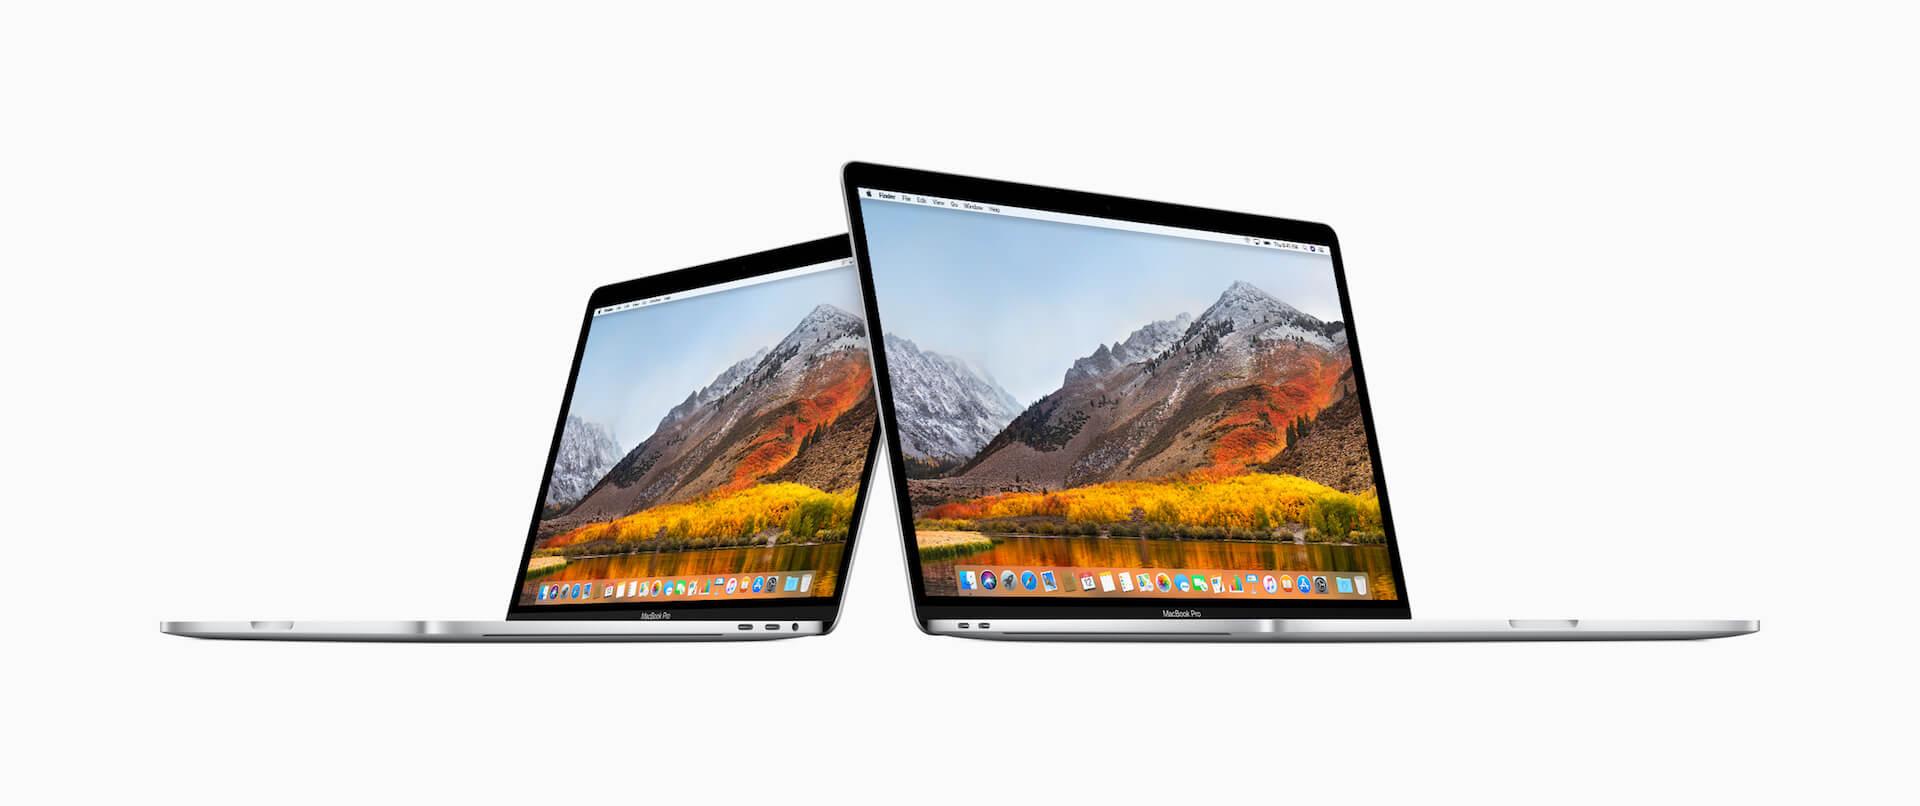 3月発表の新型の13インチMacBook ProはIntel第10世代のIce Lakeプロセッサを搭載?CPU性能が12%アップか tech200221_macbookpro_1